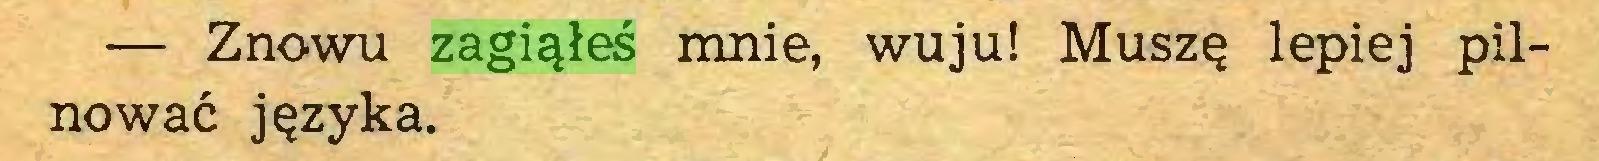 (...) — Znowu zagiąłeś mnie, wuju! Muszę lepiej pilnować języka...